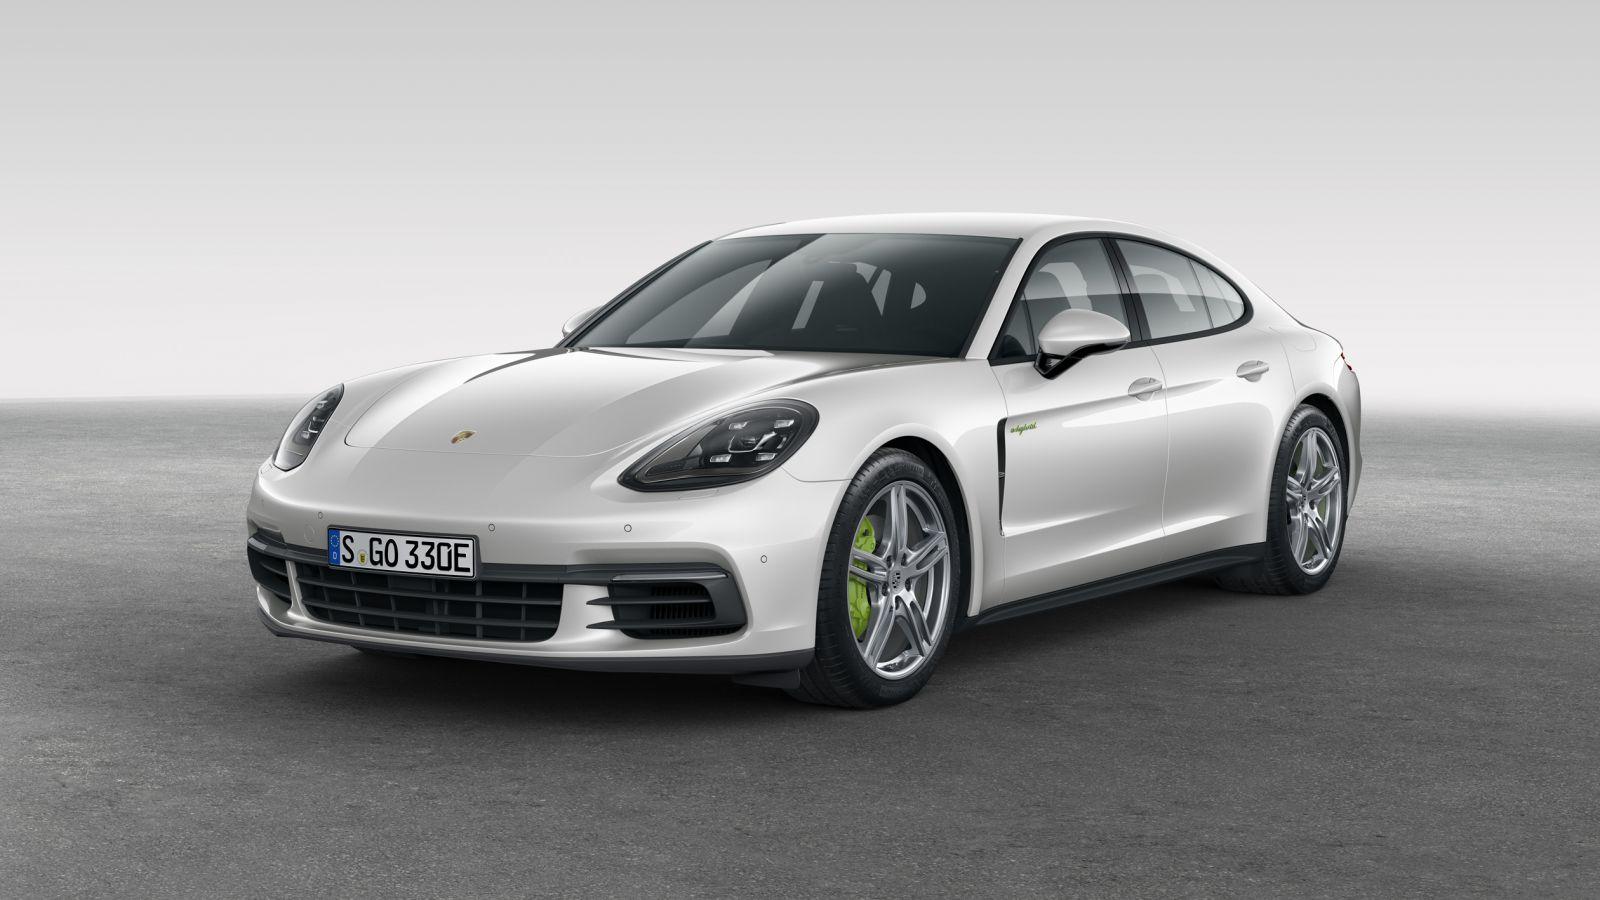 Porsche Panamera 4 E-Hybrid Set To Make Paris Debut